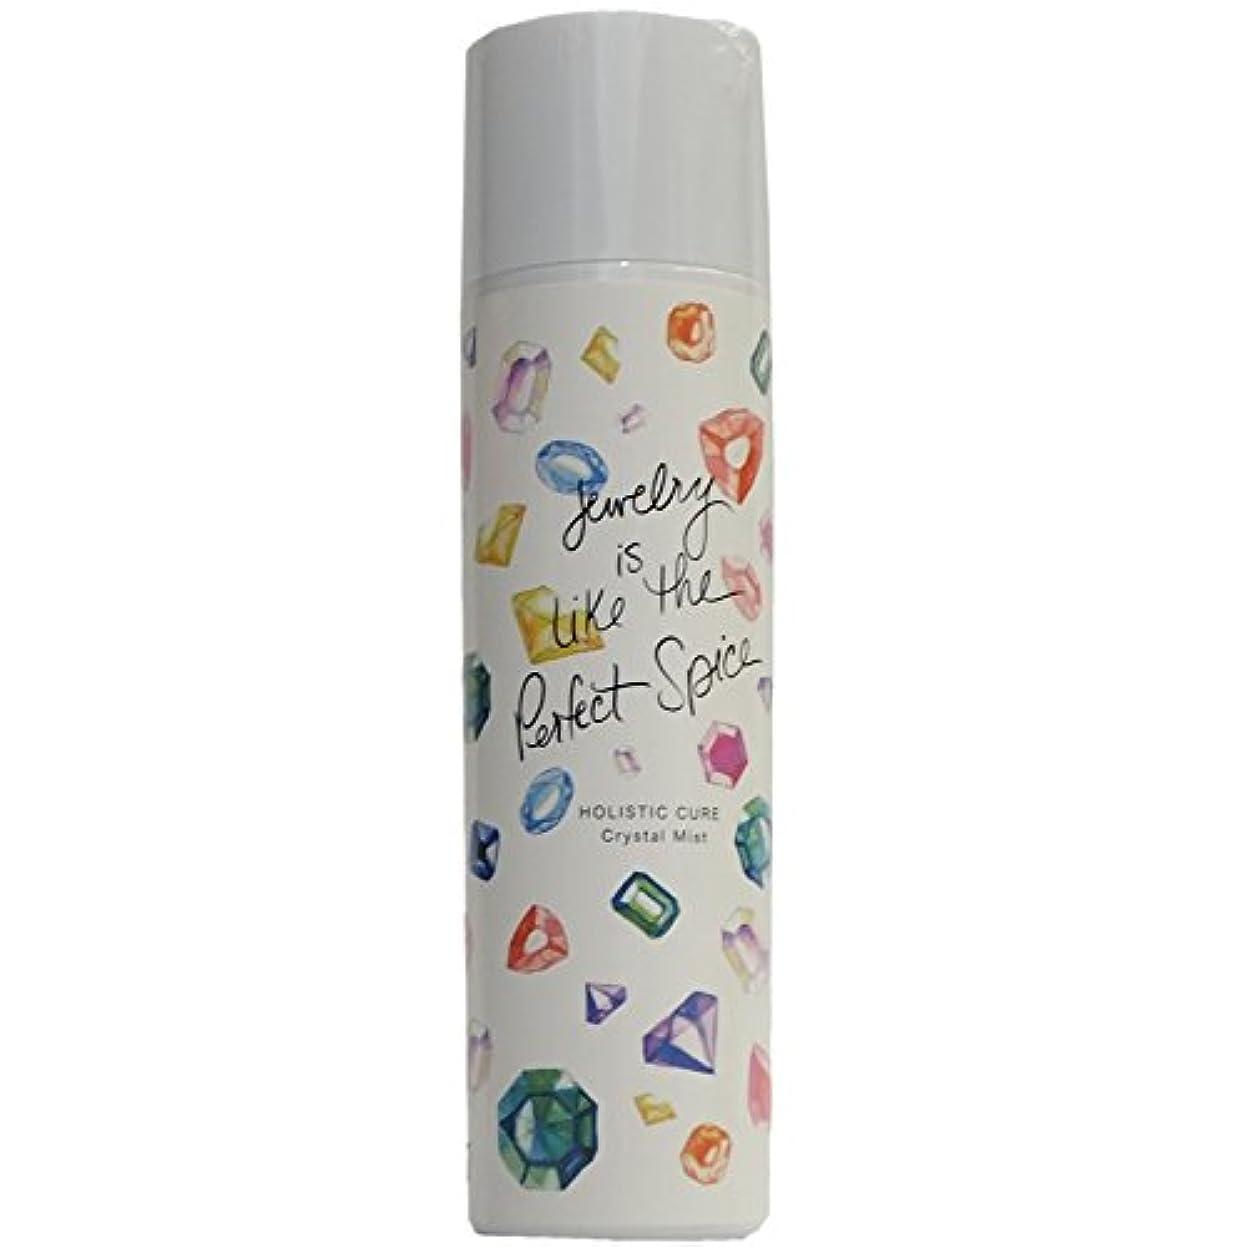 唯一フルーツ歌クレイツ ホリスティックキュア クリスタルミスト 150g 化粧水【フェイス、ヘア、ボディ用】Made in Japan